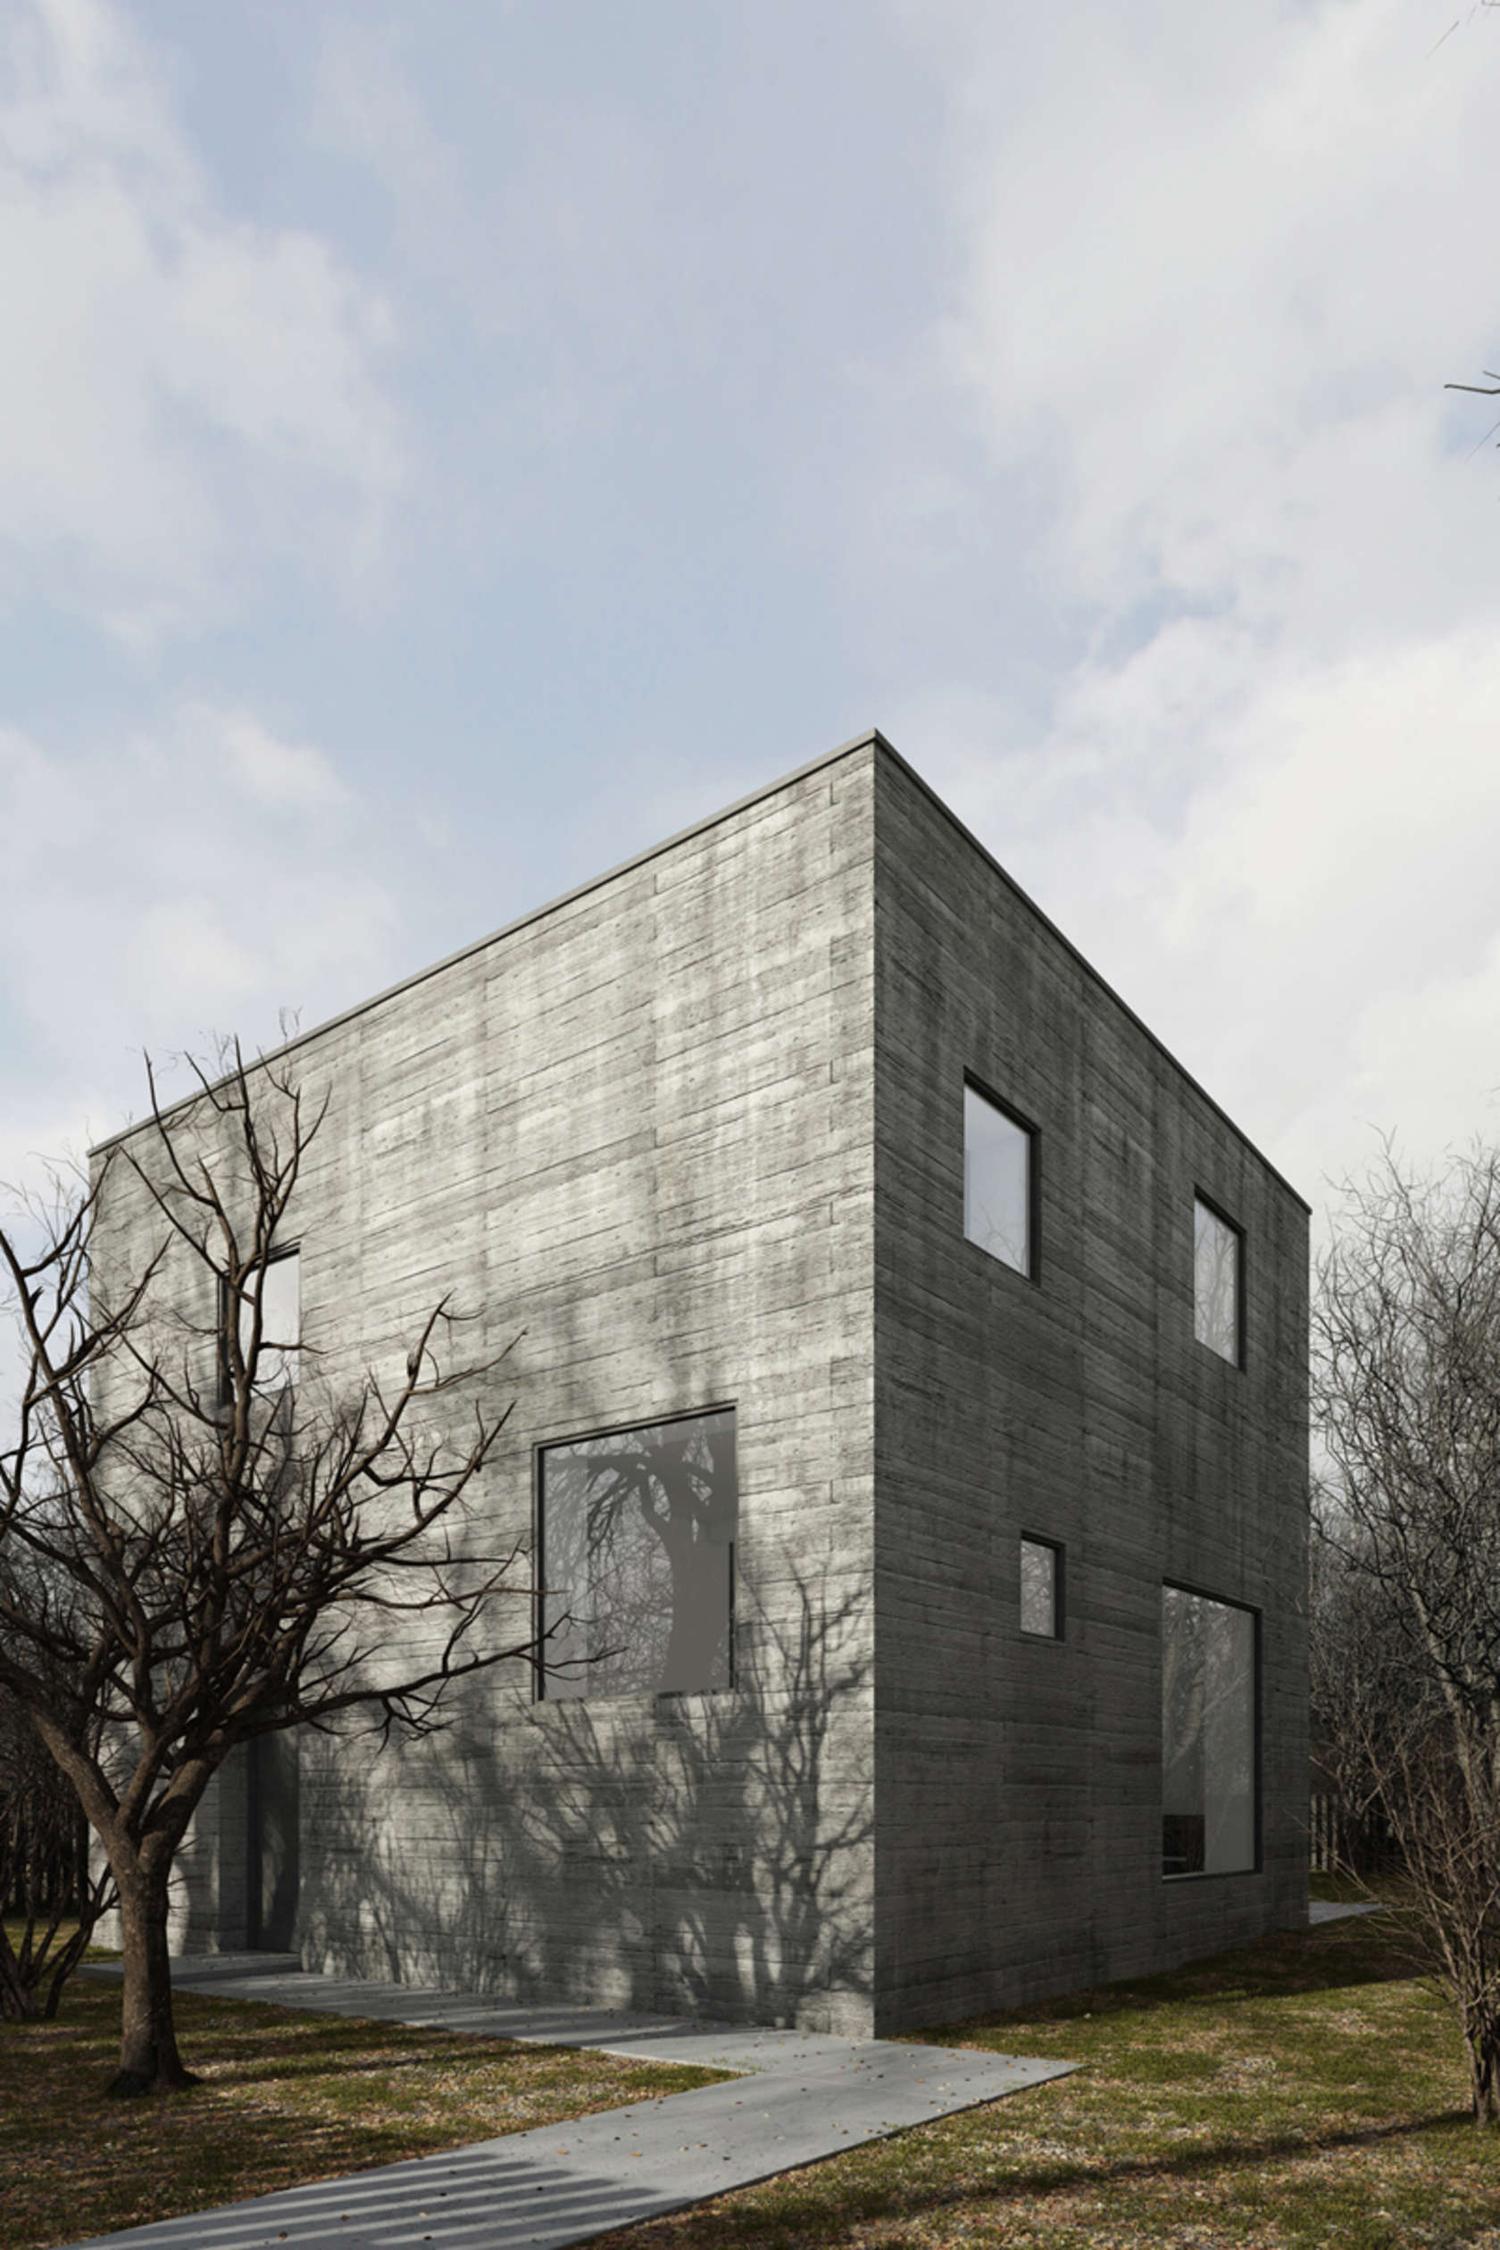 Dom kostka, proj. TEŻ Architekci, Poznań (źródło: materiały prasowe projektantów)